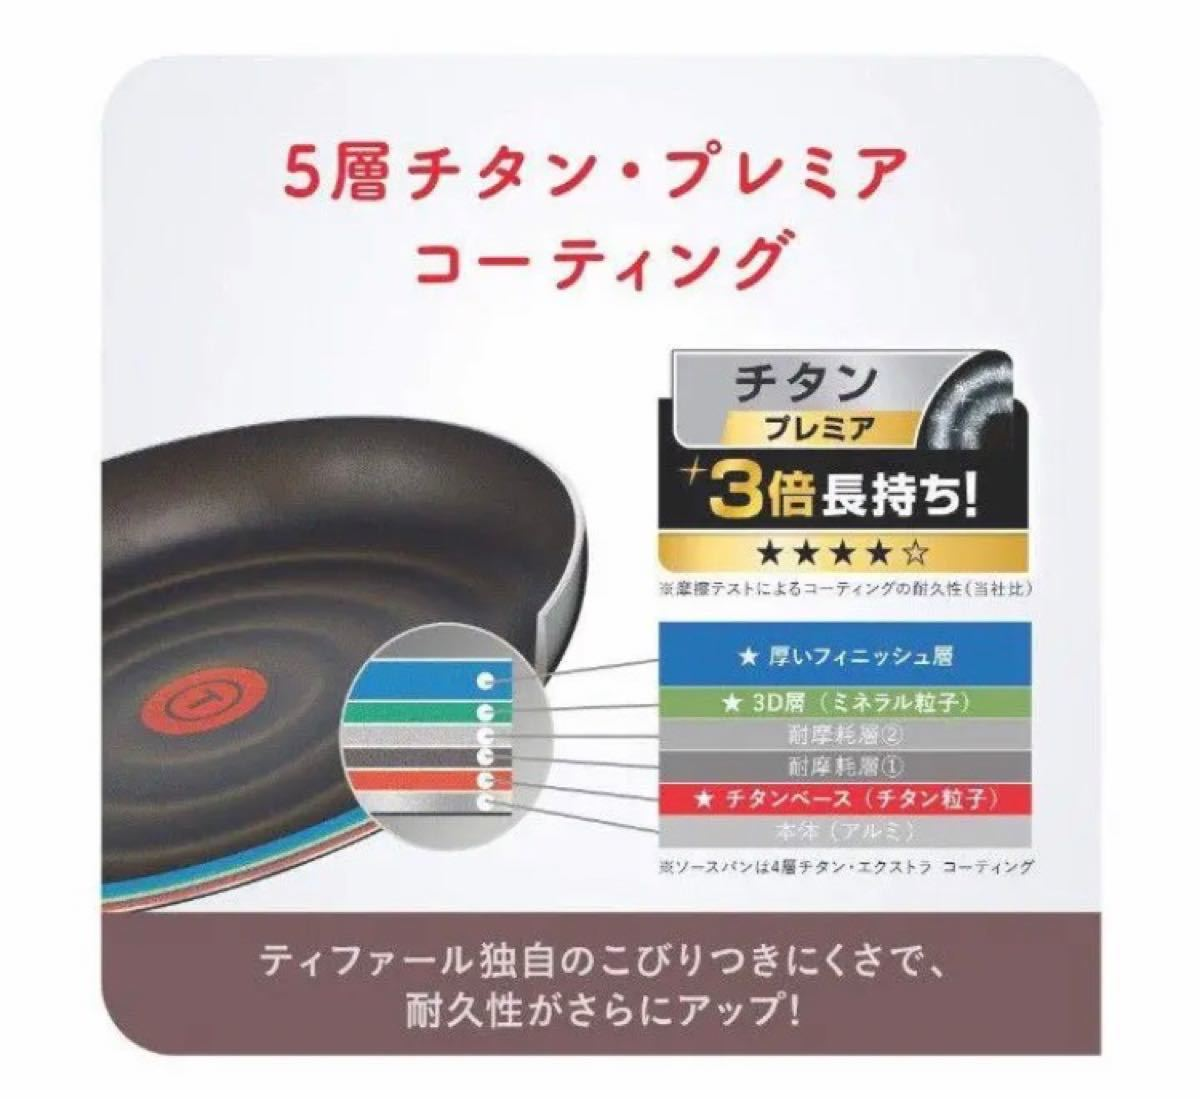 ティファール ガス火専用  インジニオ・ネオ マホガニー・プレミア セット10